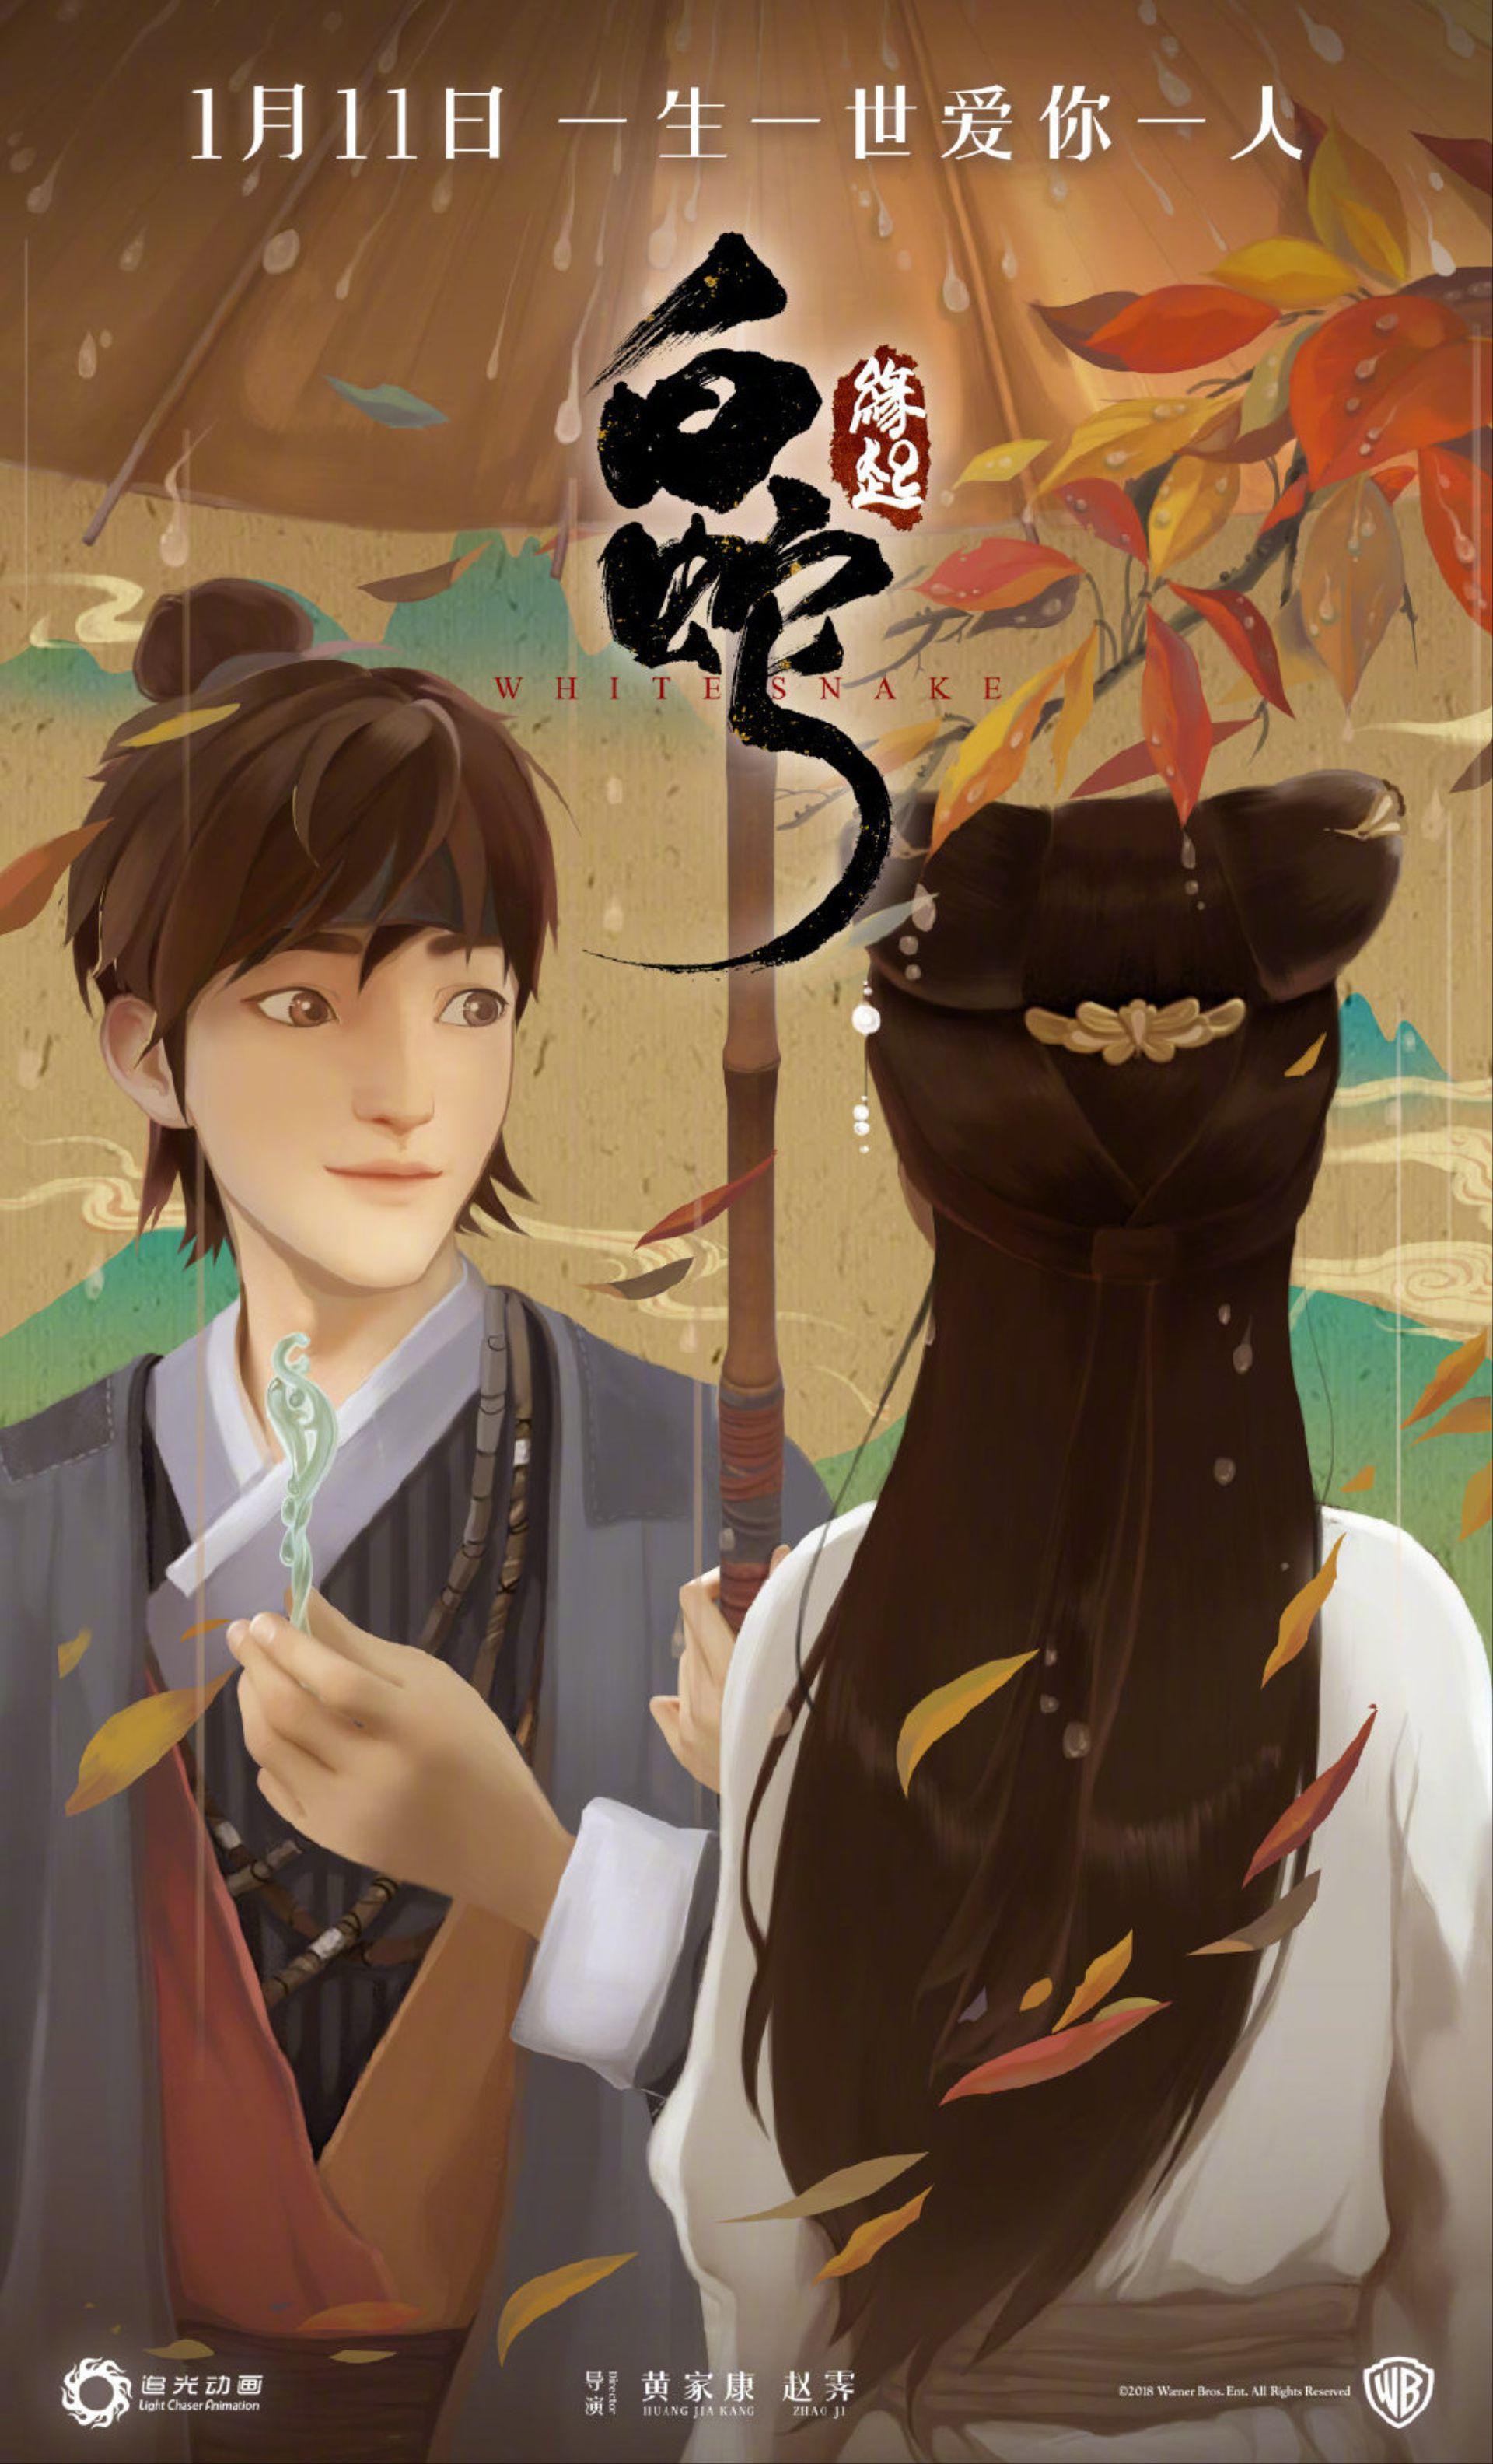 一生一世只爱一人 《白蛇:缘起》前生今世海报发布